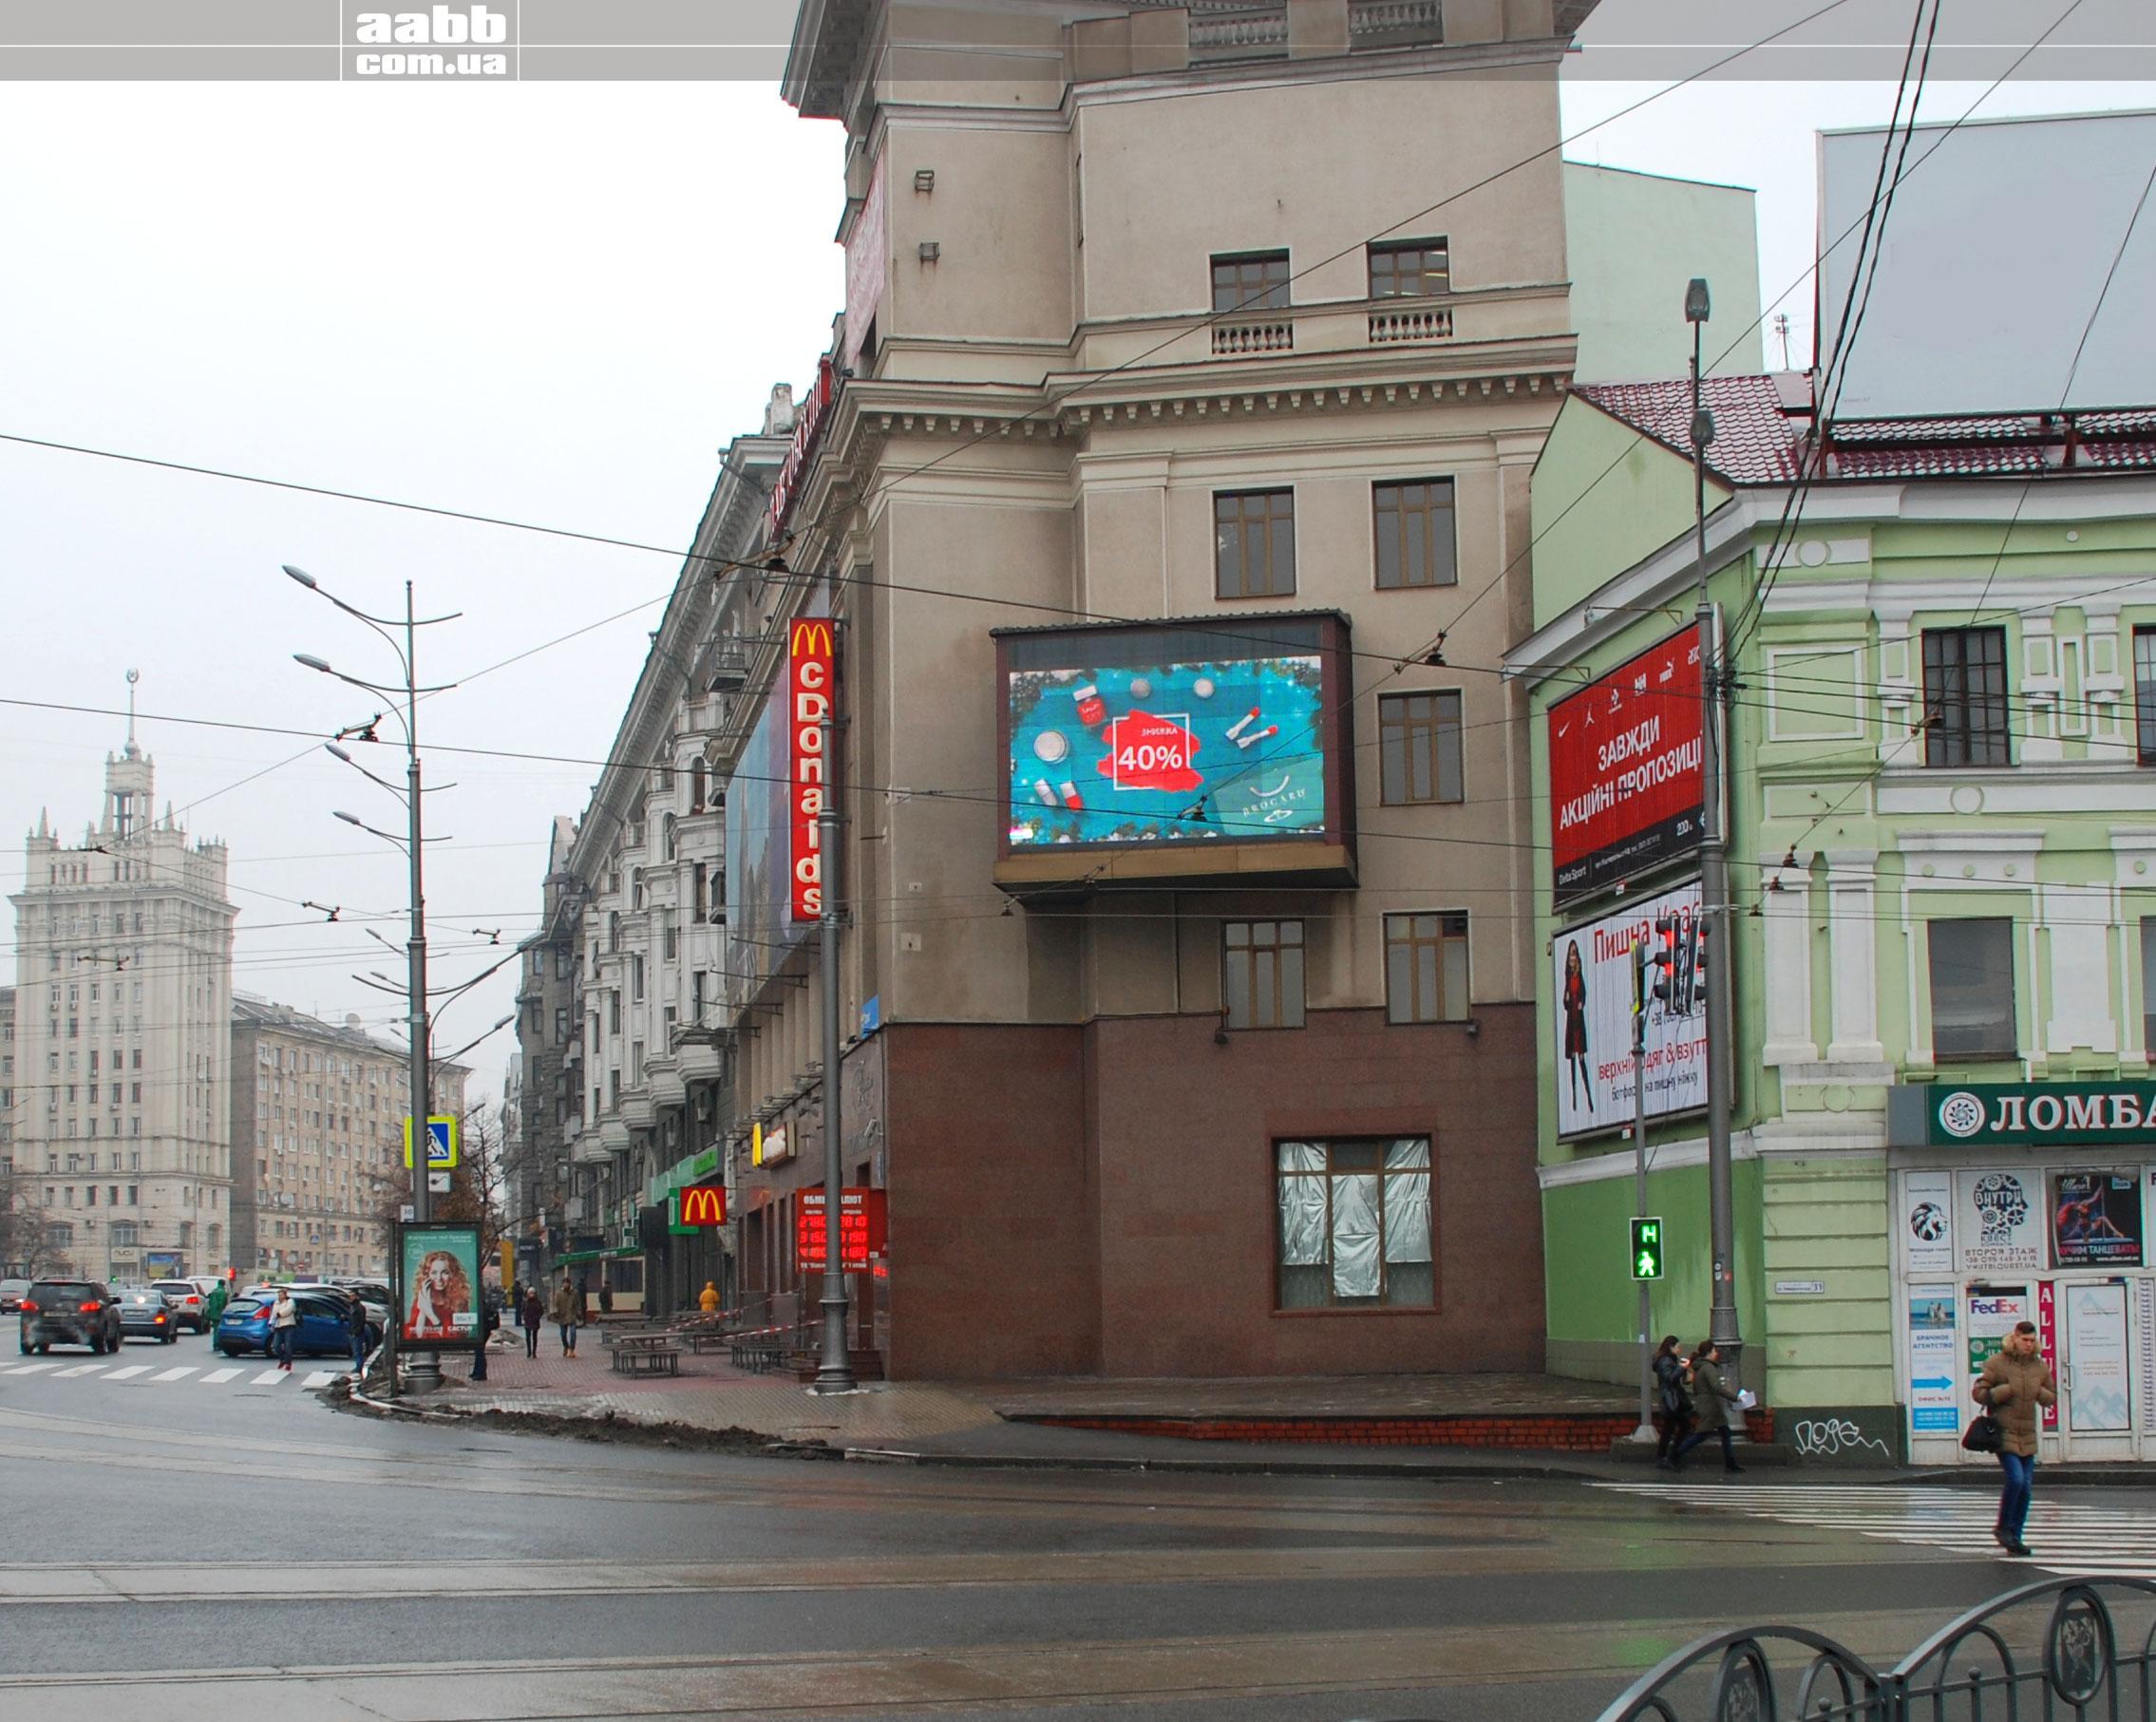 Реклама на відеоекрані в м. Харків (грудень 2018)